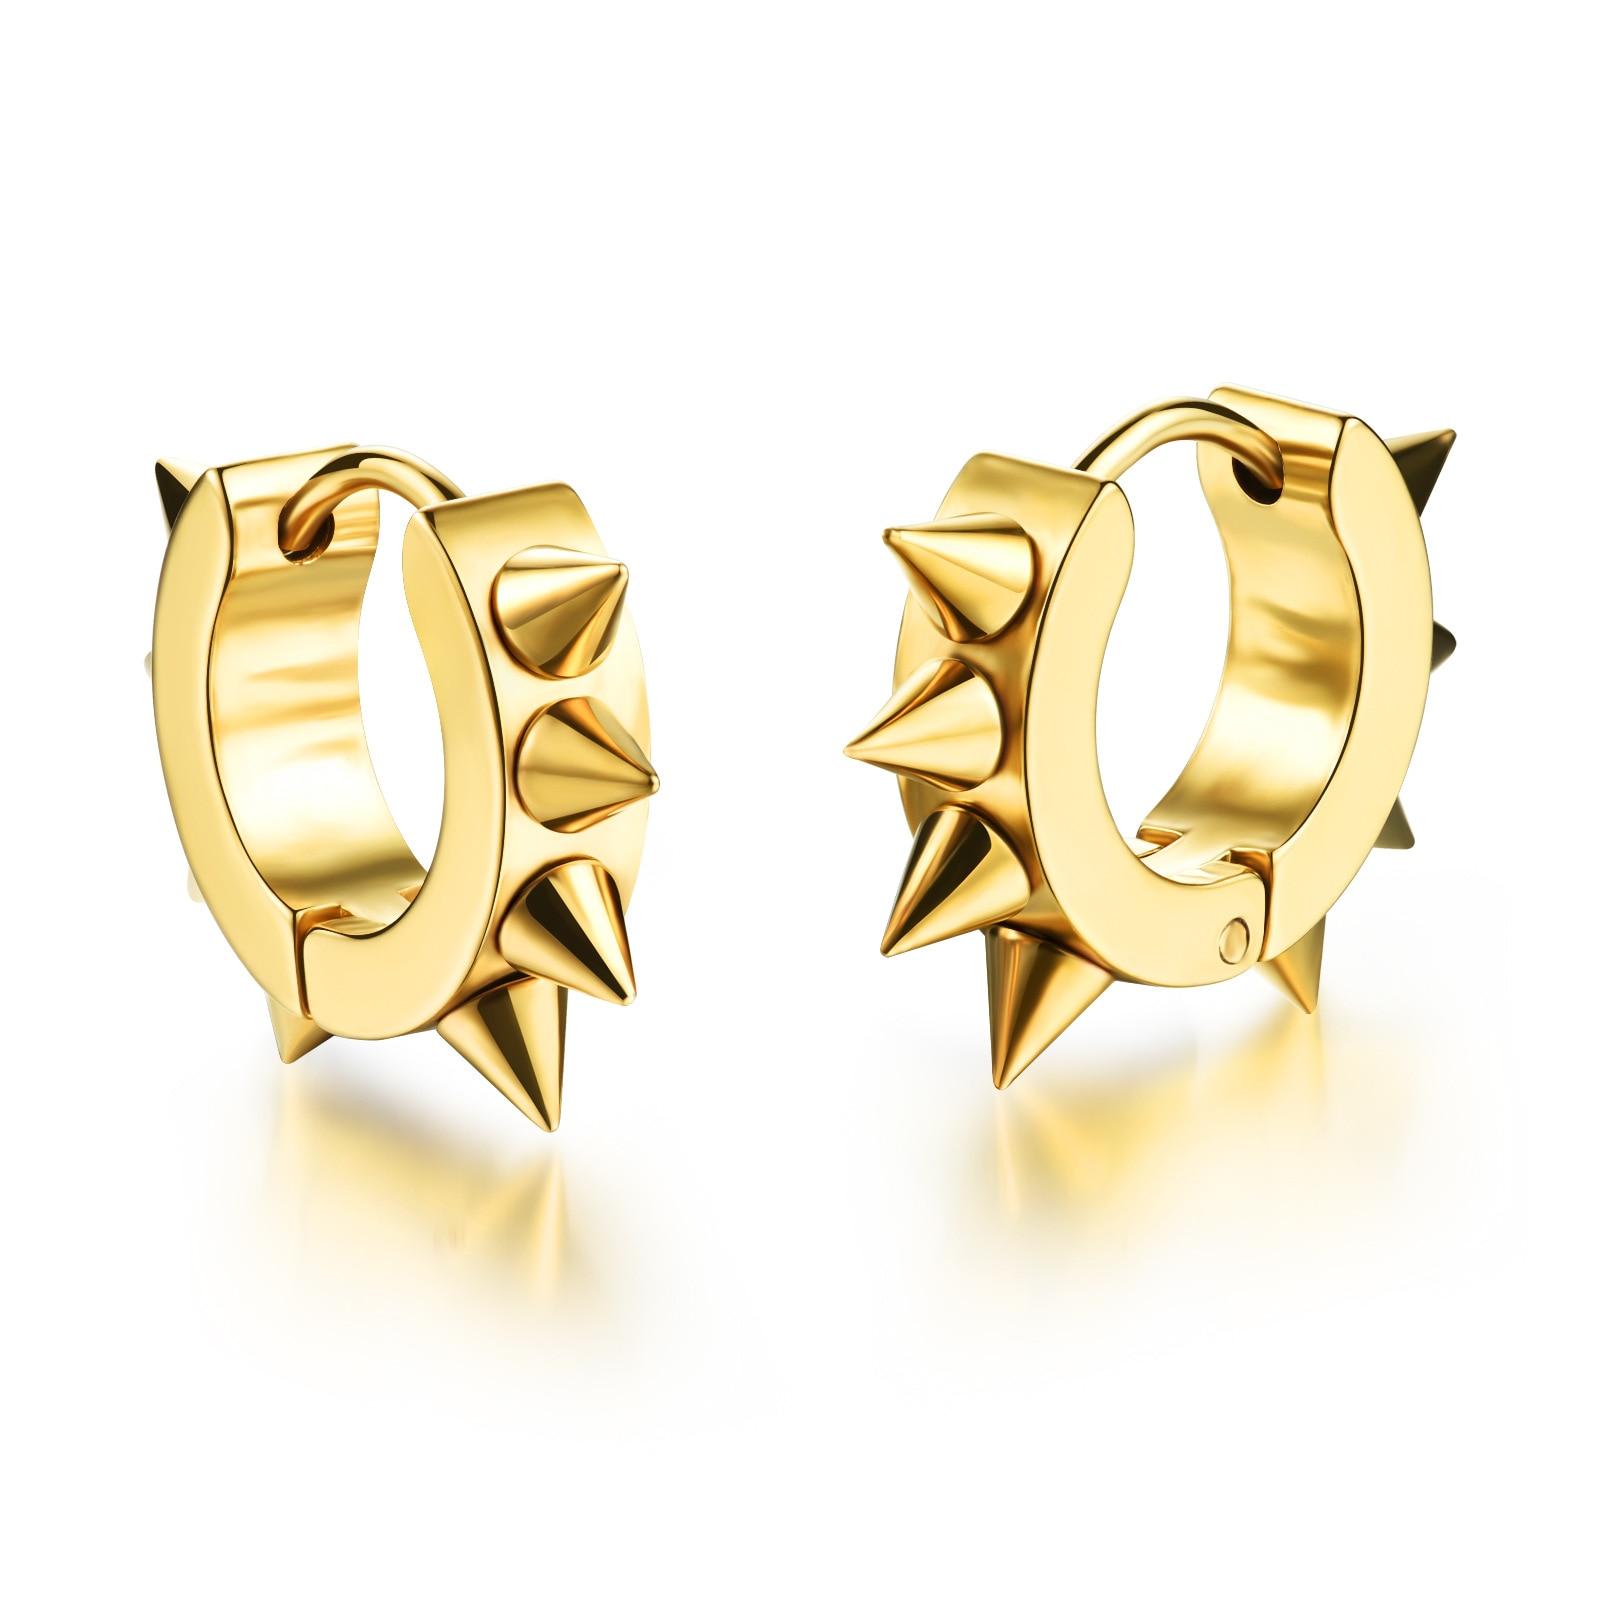 Personality Stainless Steel Rivet Design Hoop Earrings For Man Rock Punk Style 316L Steel 4mm*13mm Men Jewelry Earrings 3 Colors